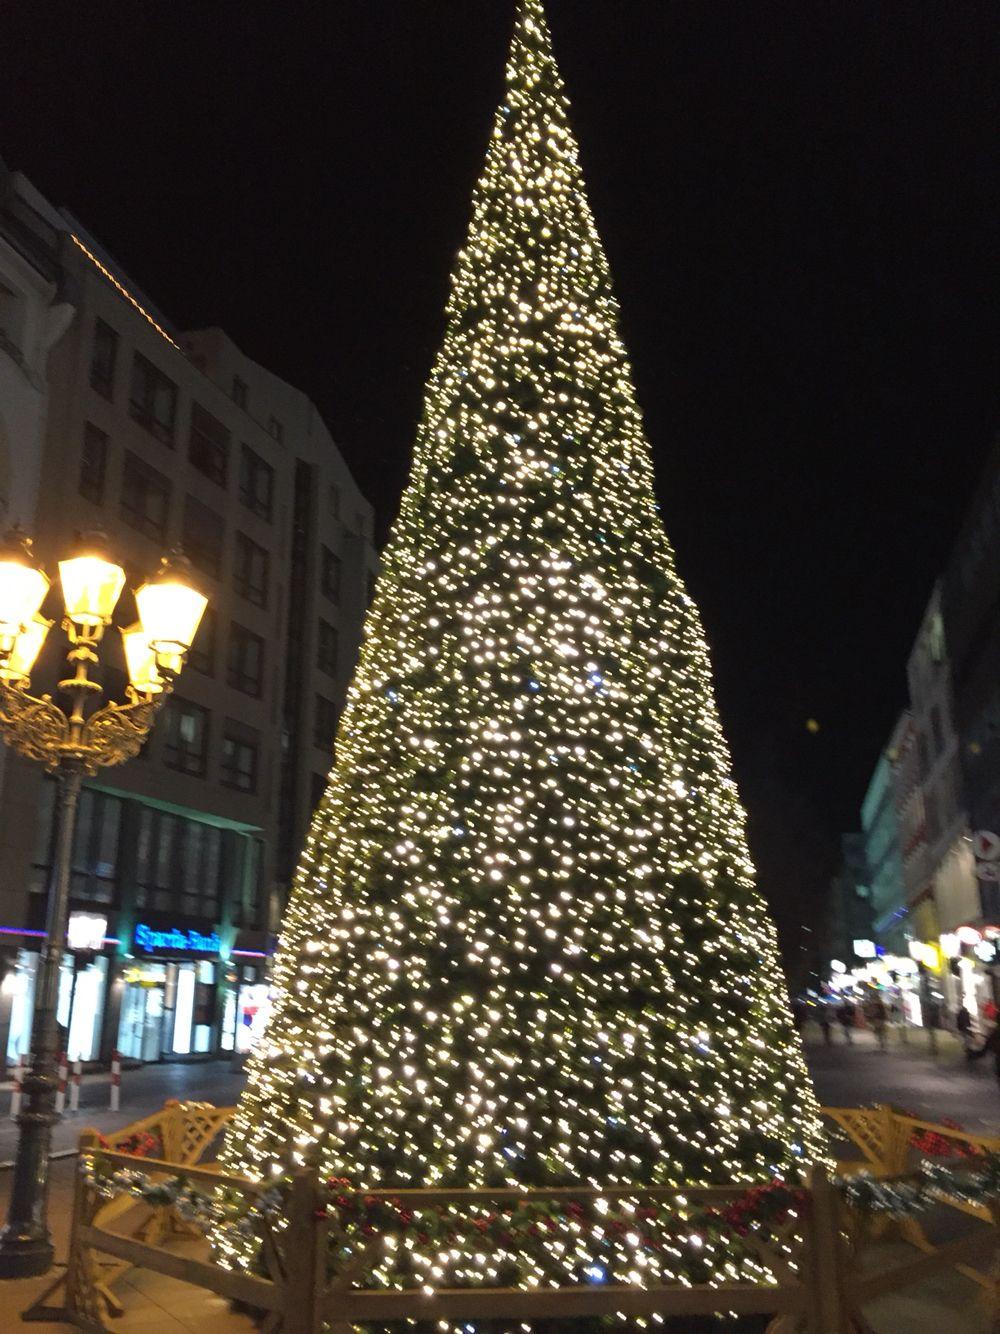 geschm ckter weihnachtsbaum weihnachten pinterest geschm ckter weihnachtsbaum. Black Bedroom Furniture Sets. Home Design Ideas